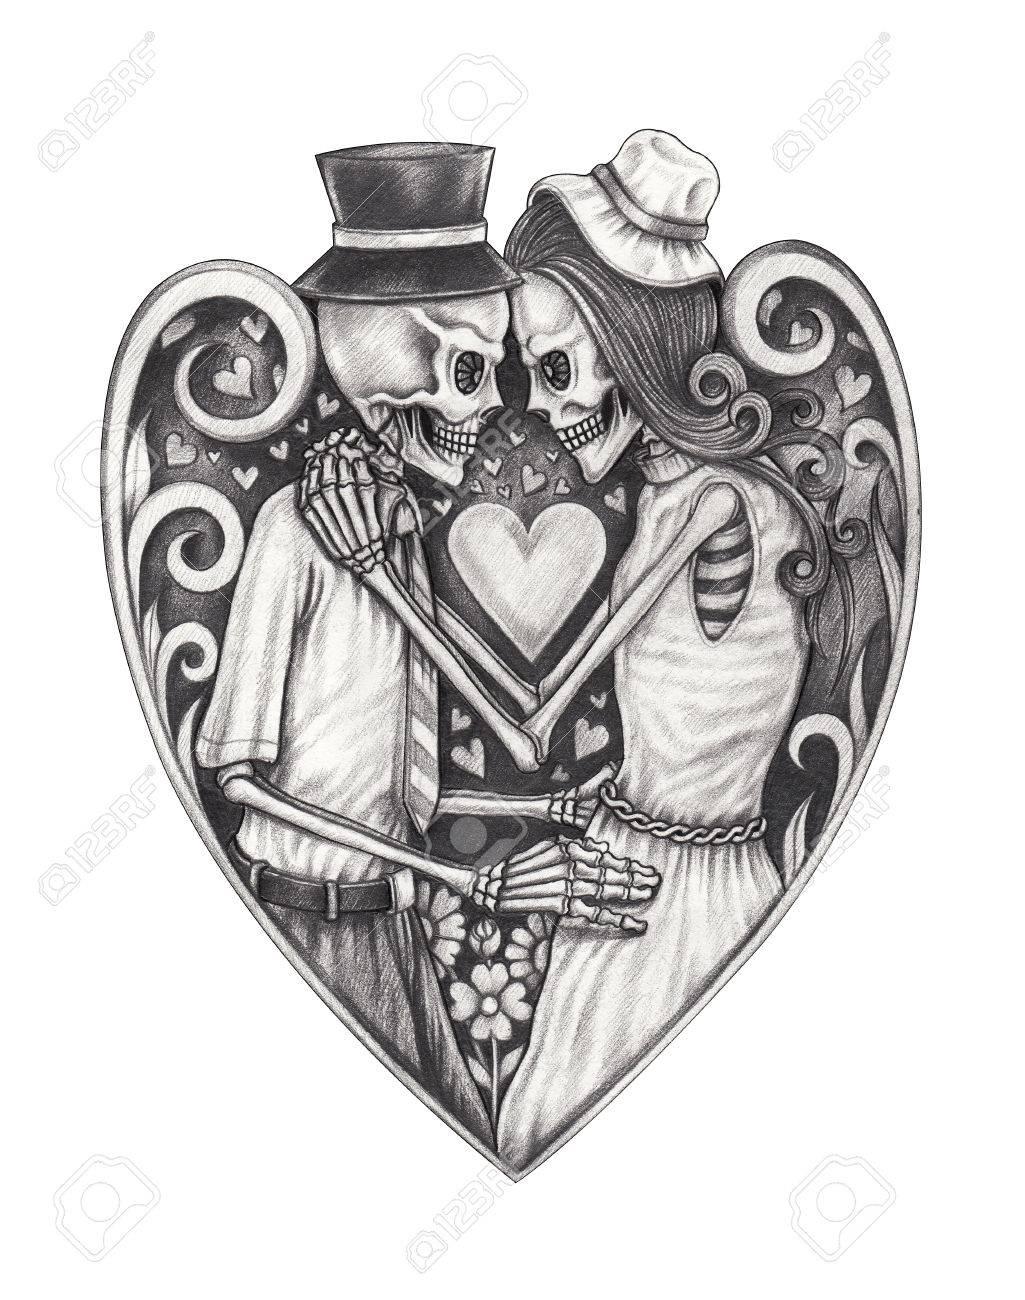 Art design mariage de crânes amoureux. Dessin au crayon à la main sur  papier. 46b160631b1a3